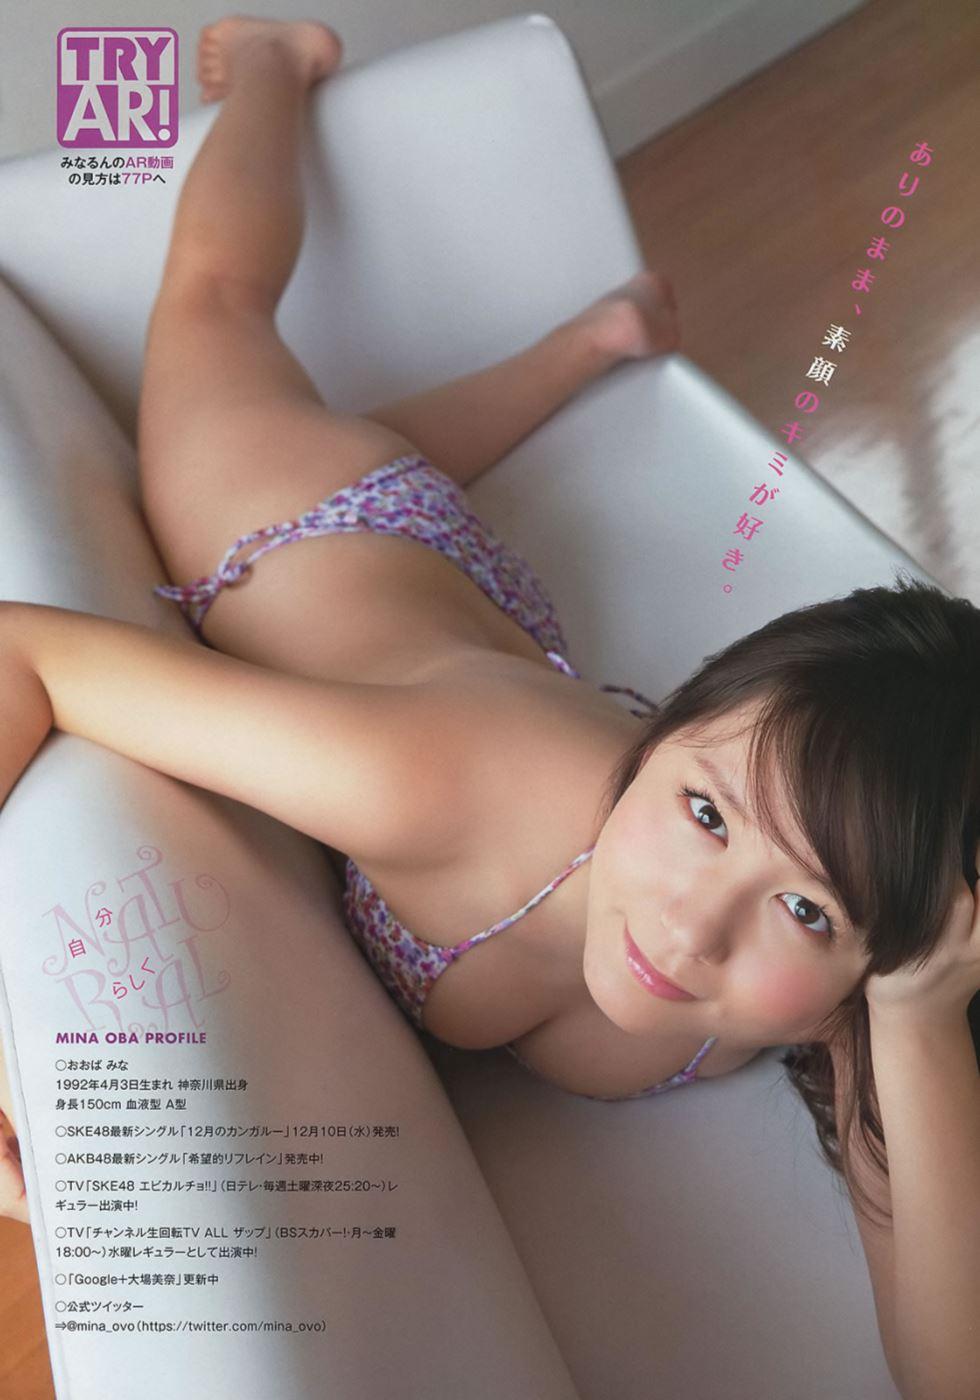 大場美奈 画像 91